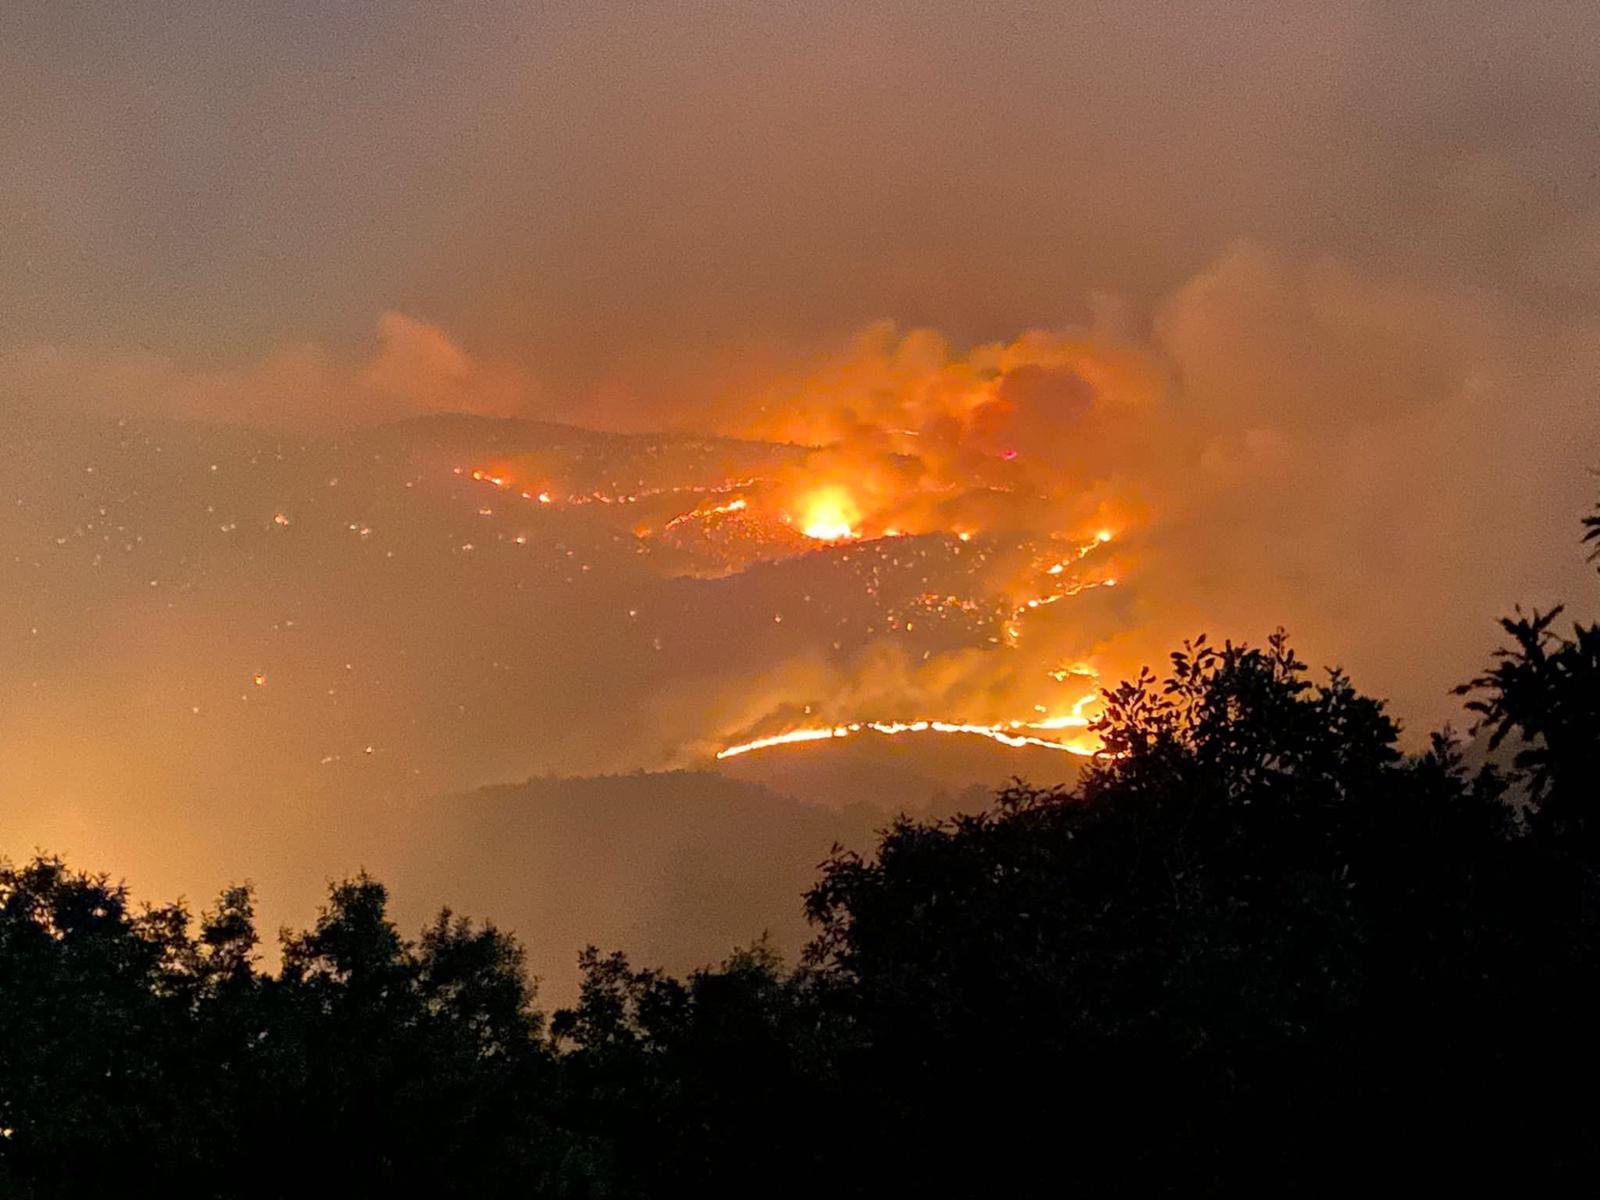 Bingöl'de 4 Gündür Devam Eden Orman Yangını Büyük Ölçüde Kontrol Altında